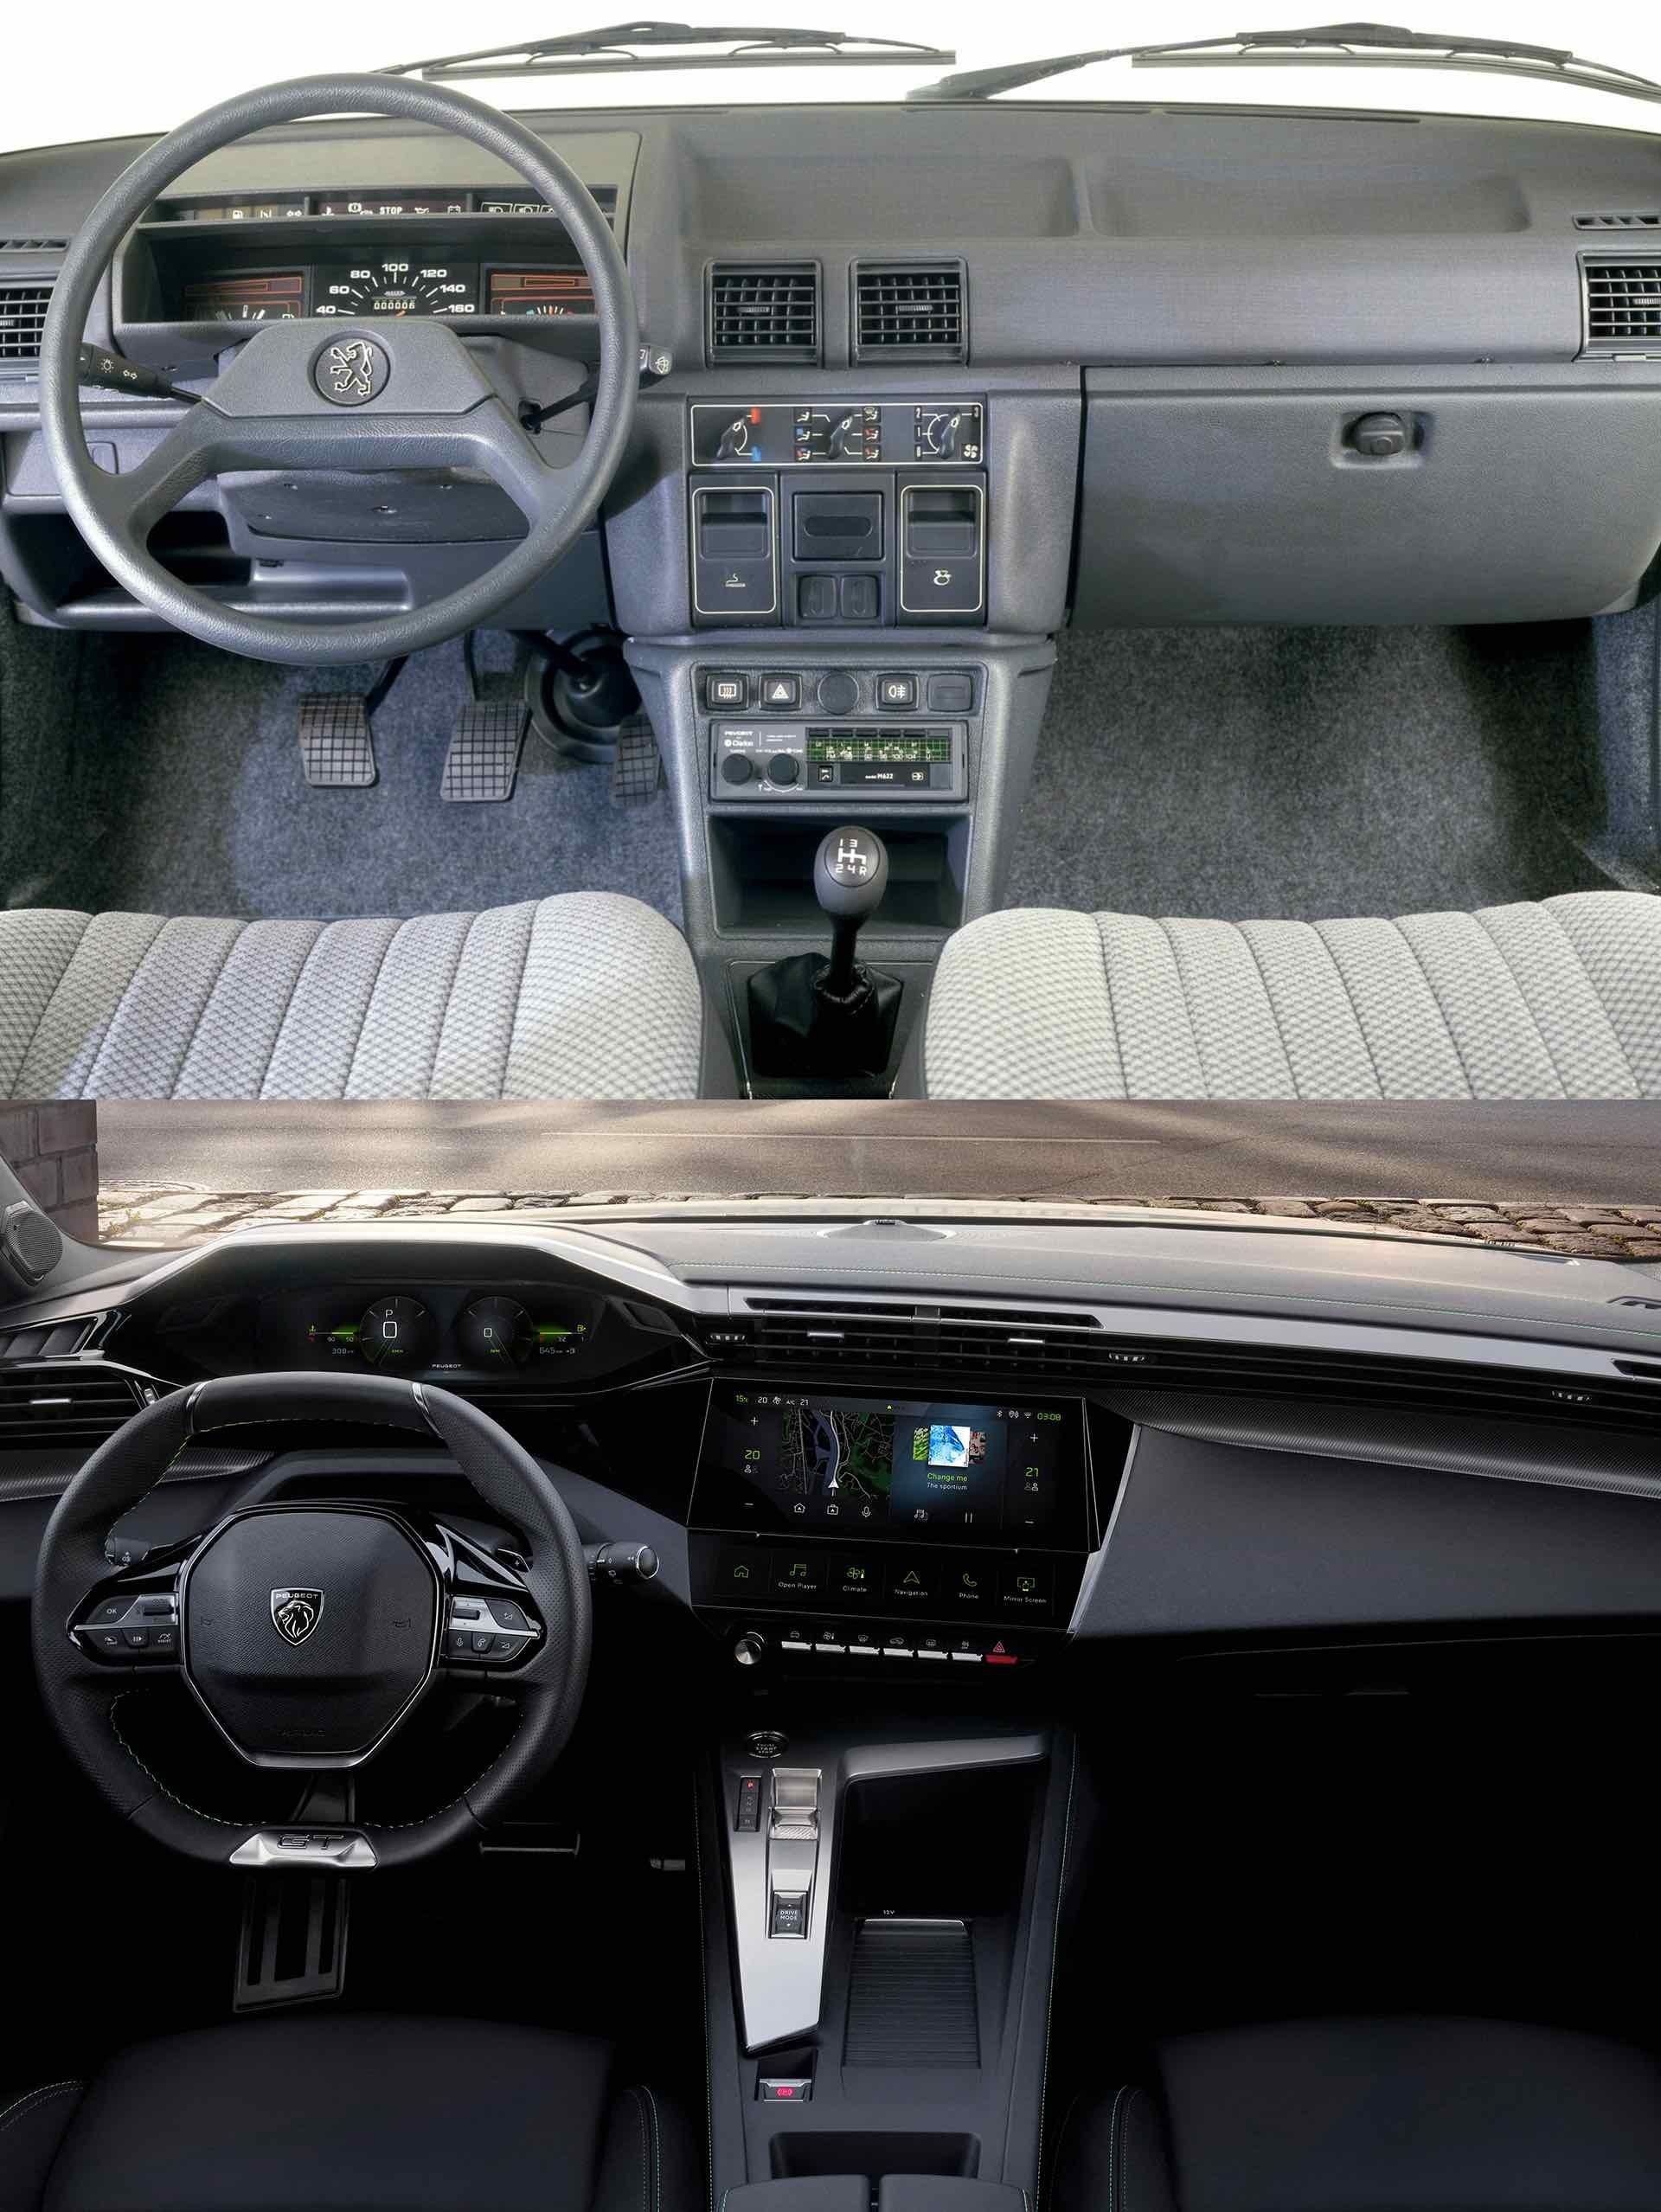 Thiết kế vô-lăng và tap-lô của các hãng xe thay đổi thế nào sau 40 năm?